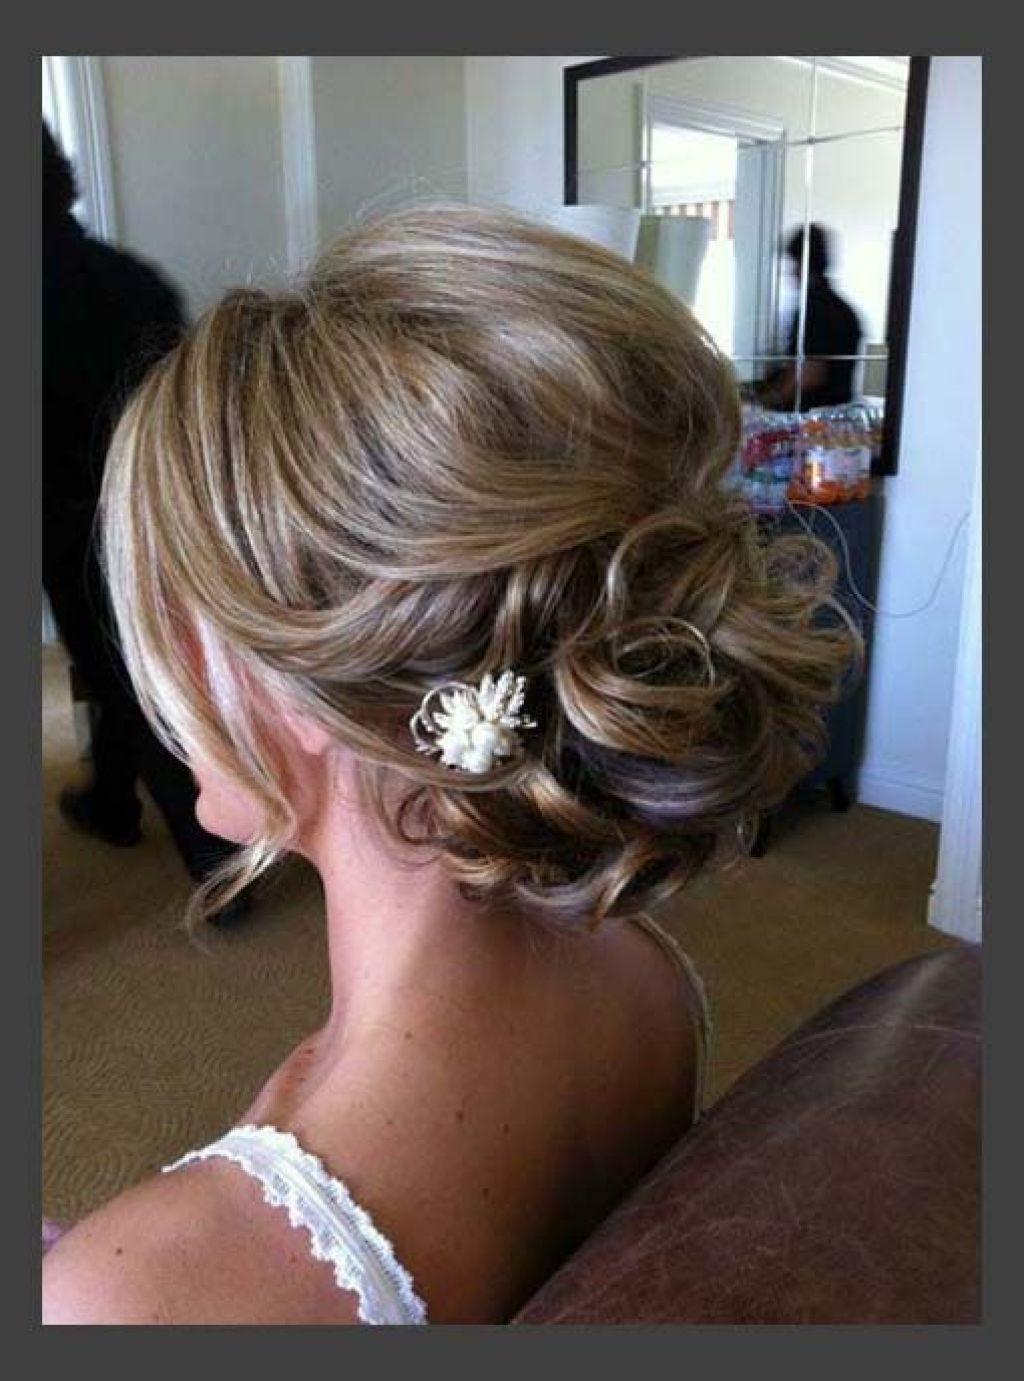 Pretty Updos For Medium Length Hair Ideas Short Hairstyles Fine Short Hair Updo Updos For Medium Length Hair